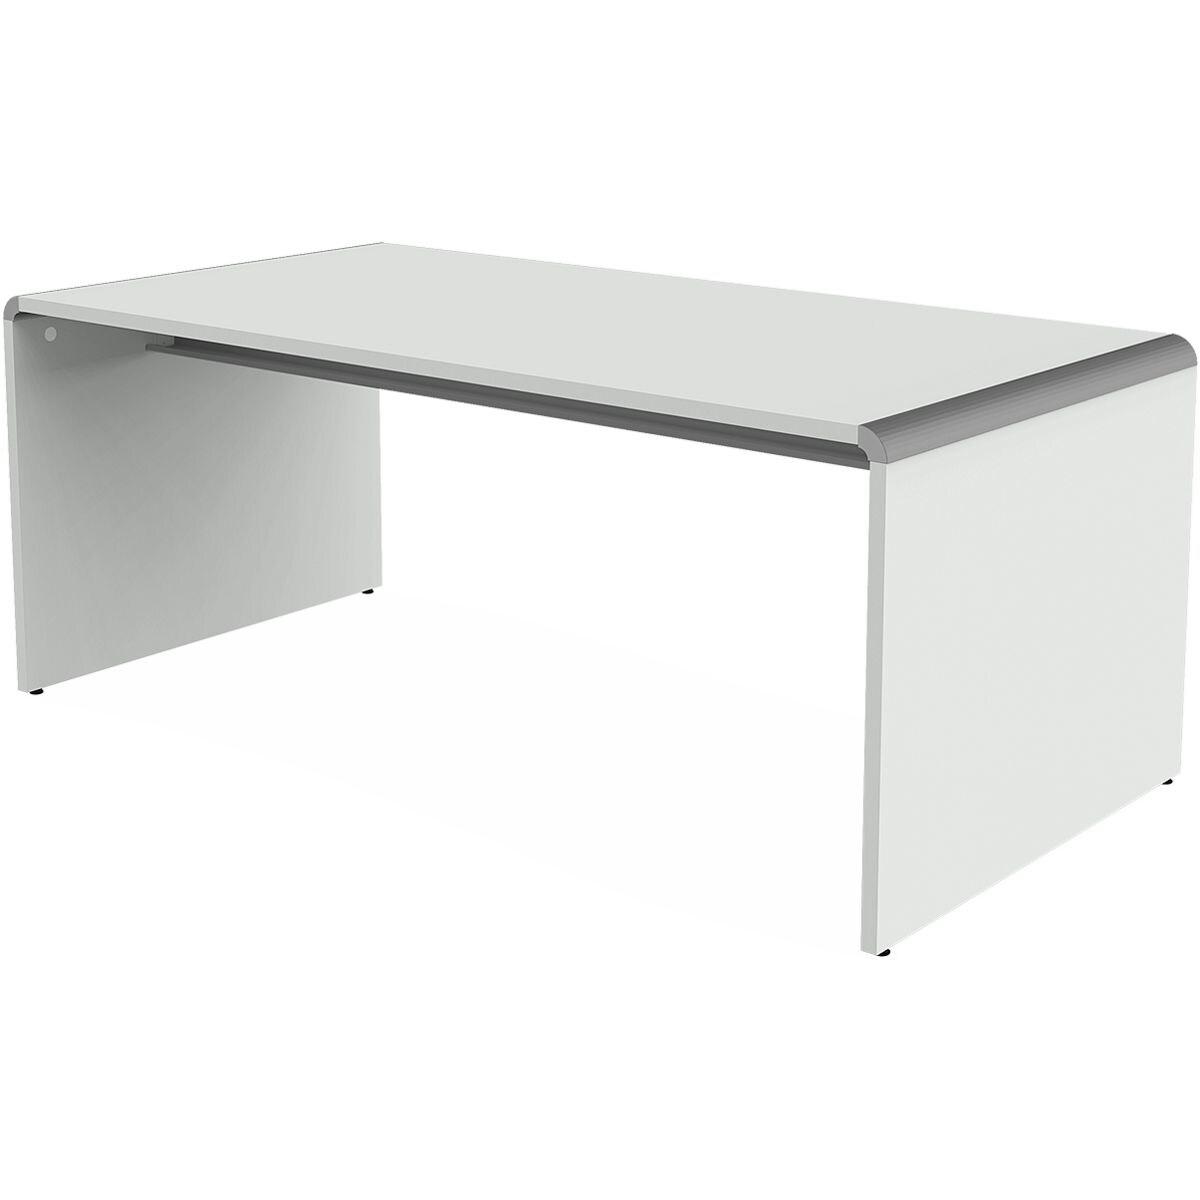 kerkmann schreibtisch modus 180 cm wangen fu lichtgrau bei otto office g nstig kaufen. Black Bedroom Furniture Sets. Home Design Ideas